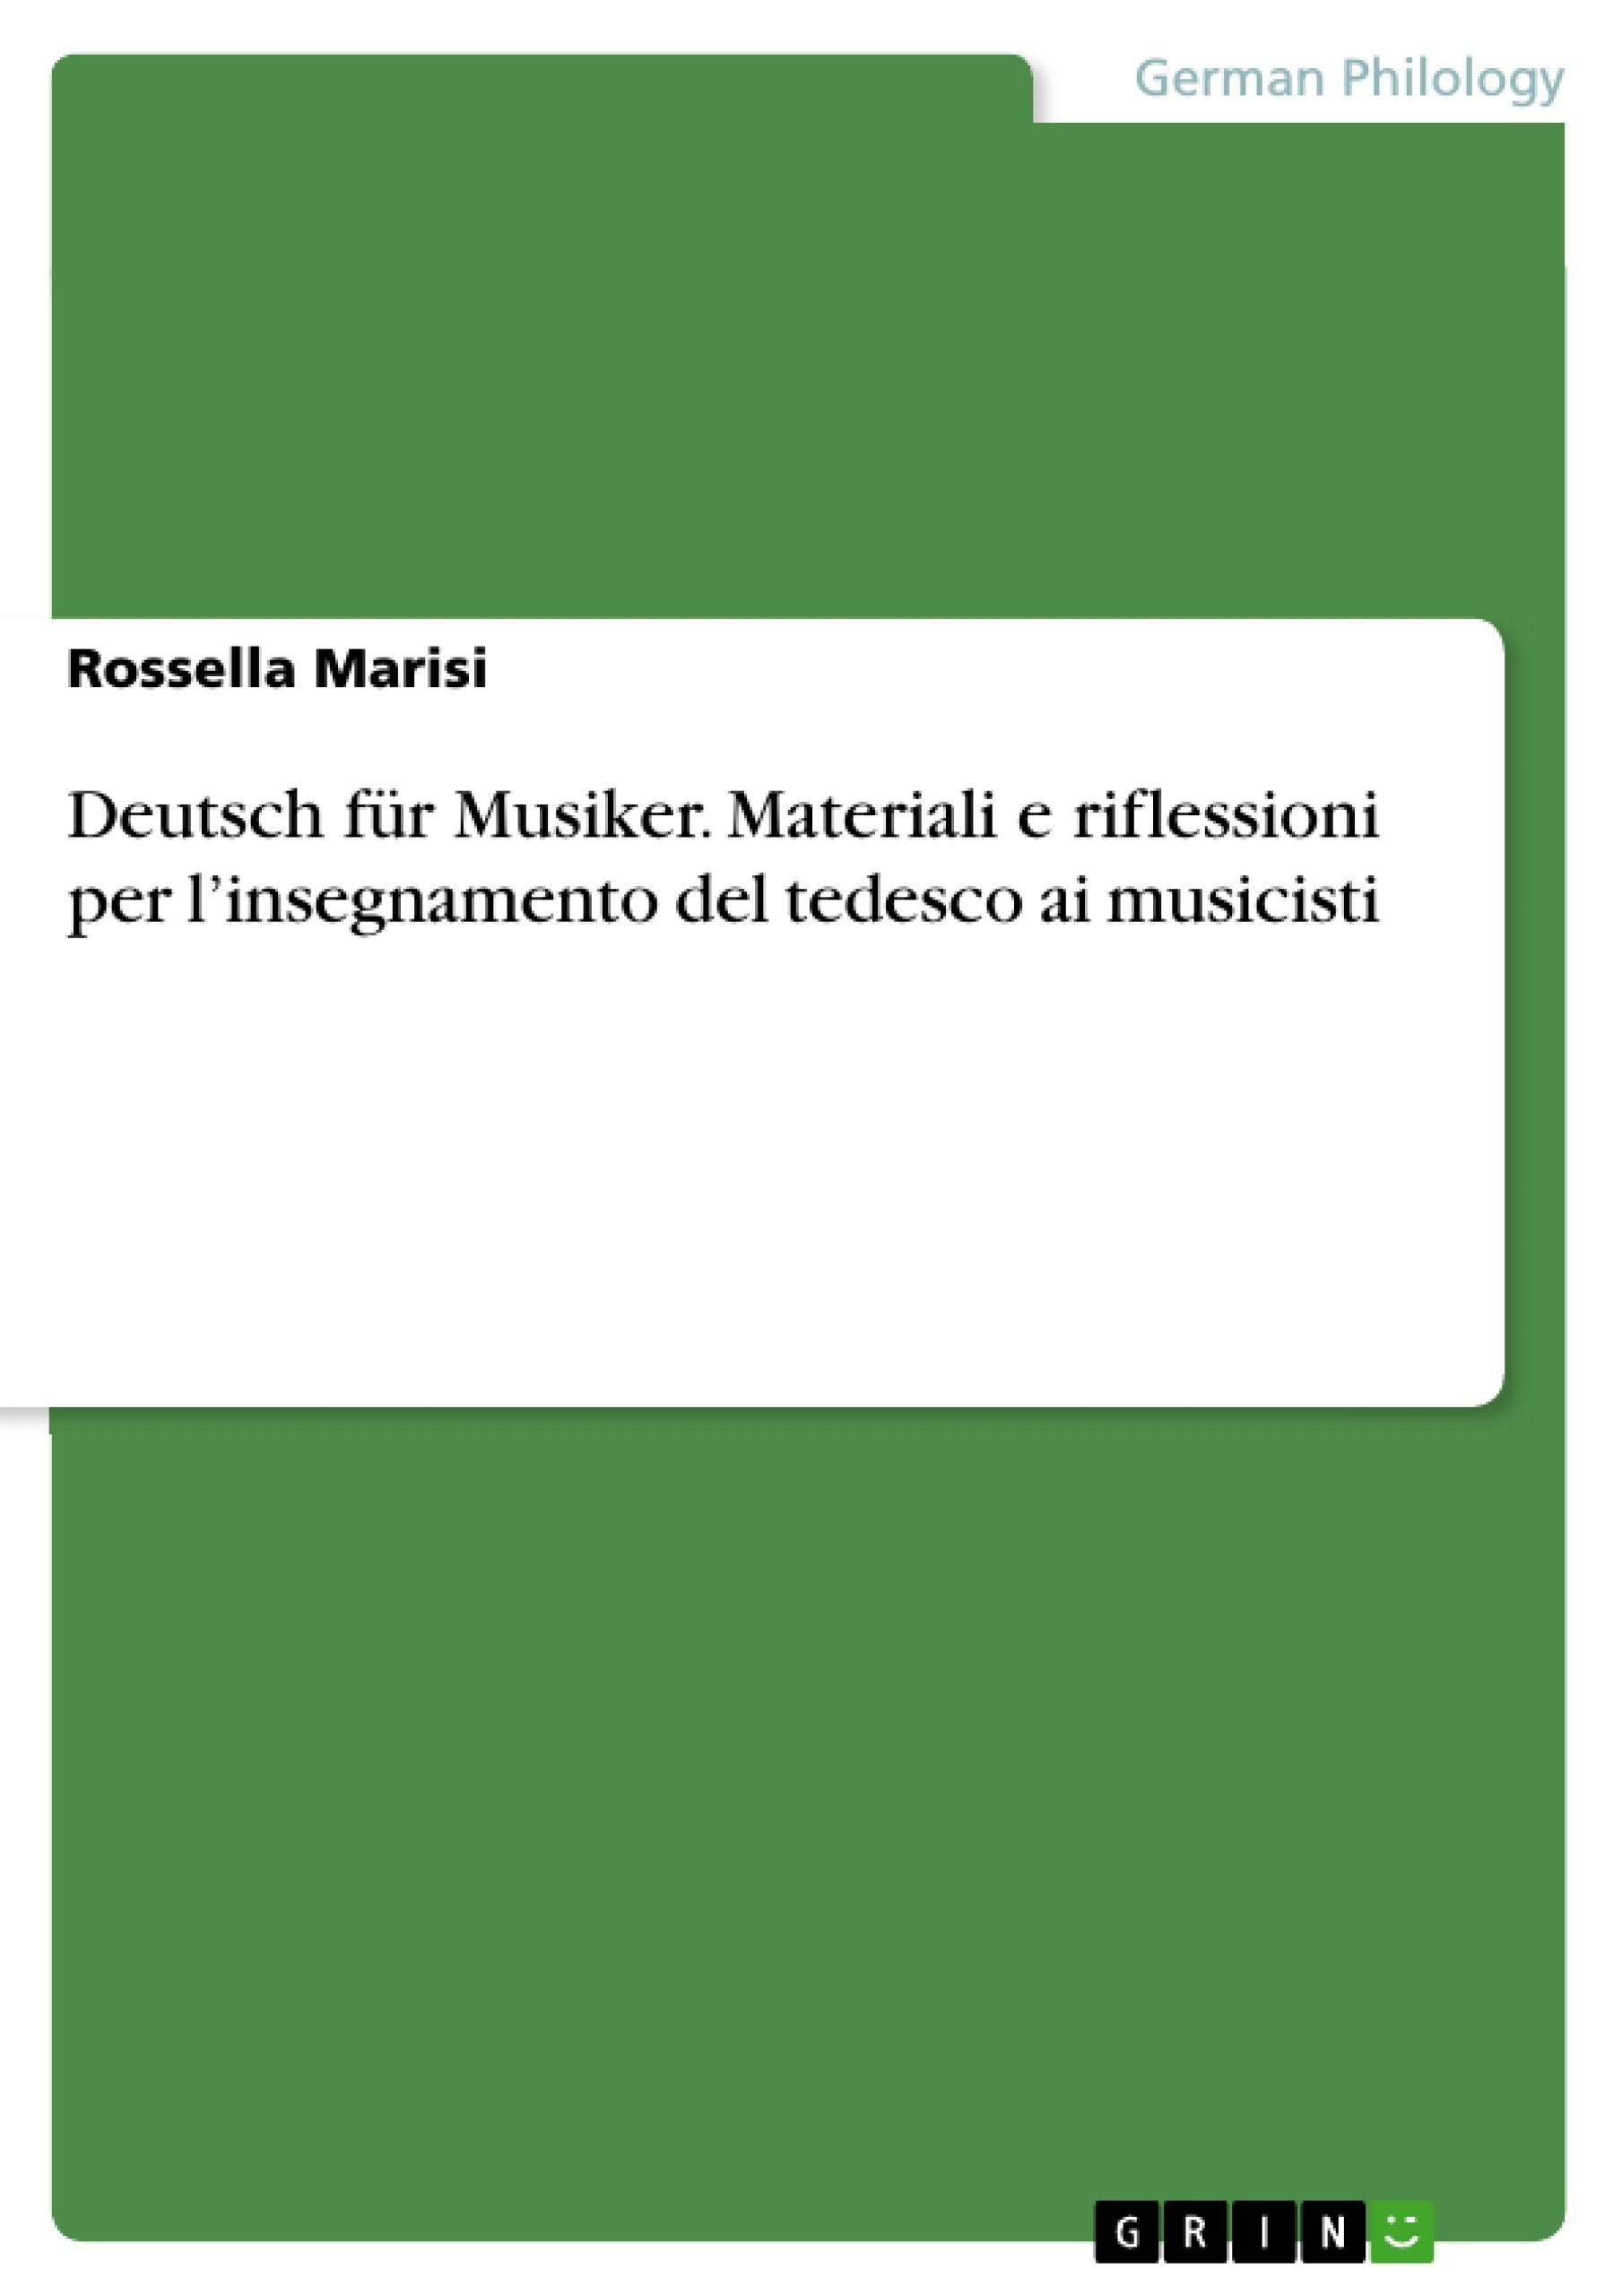 Title: Deutsch für Musiker. Materiali e riflessioni per l'insegnamento del tedesco ai musicisti